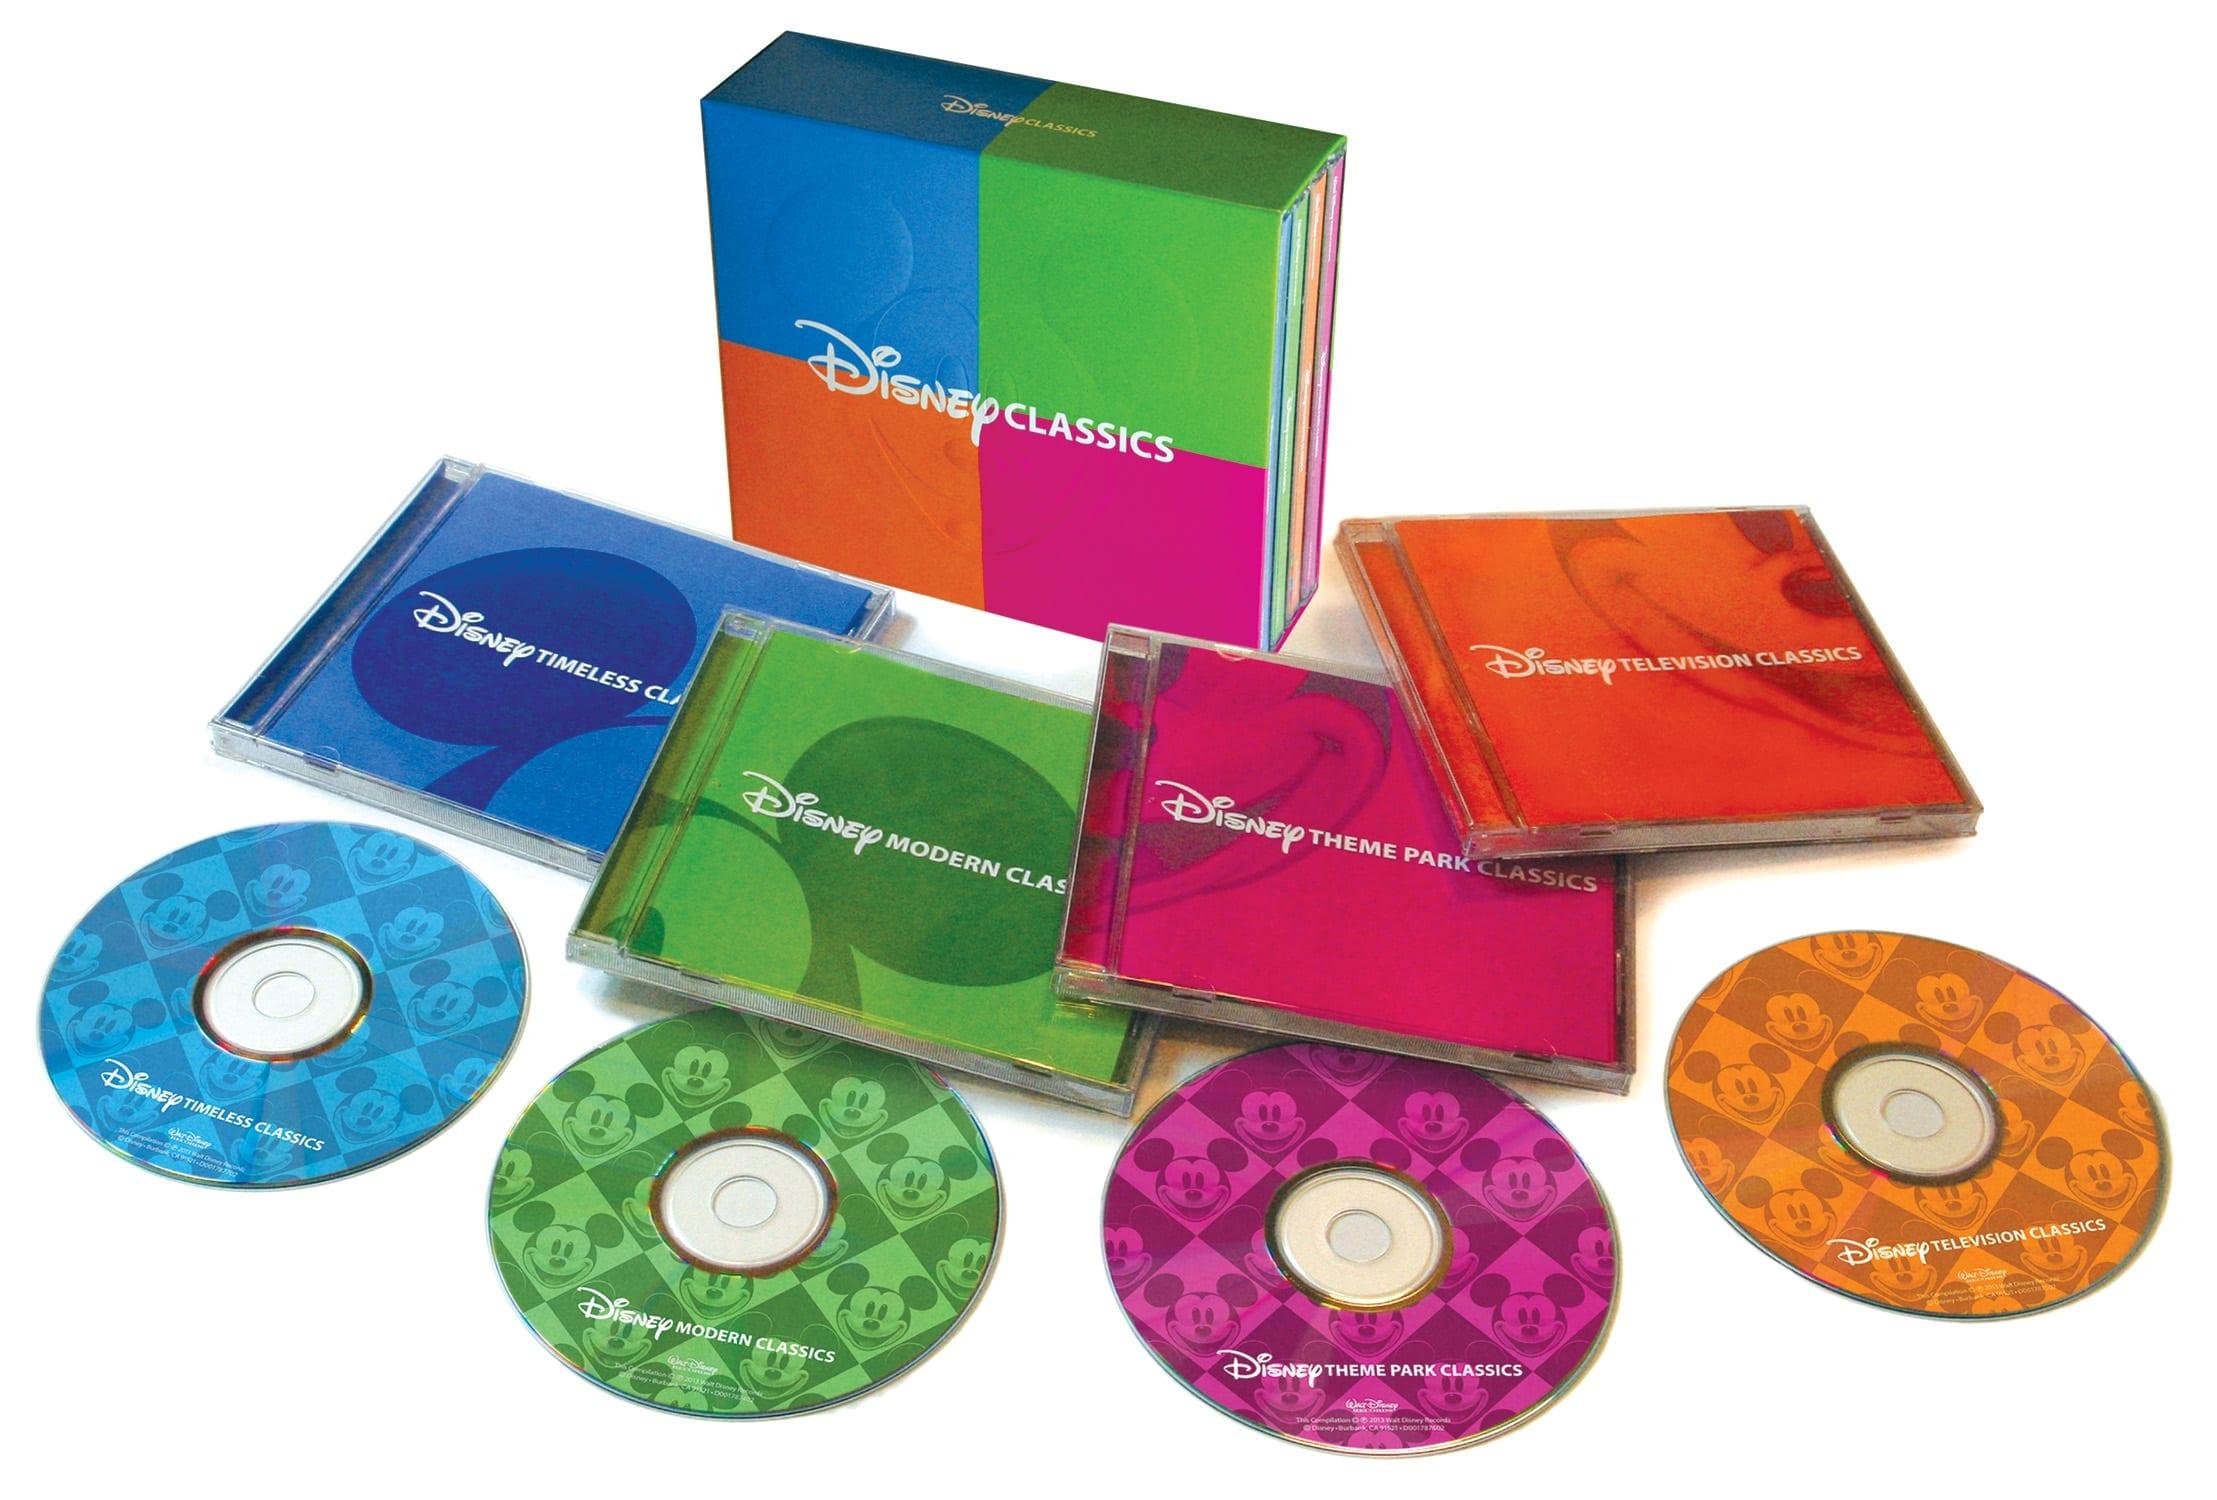 DisneyClassics-PackShotFull